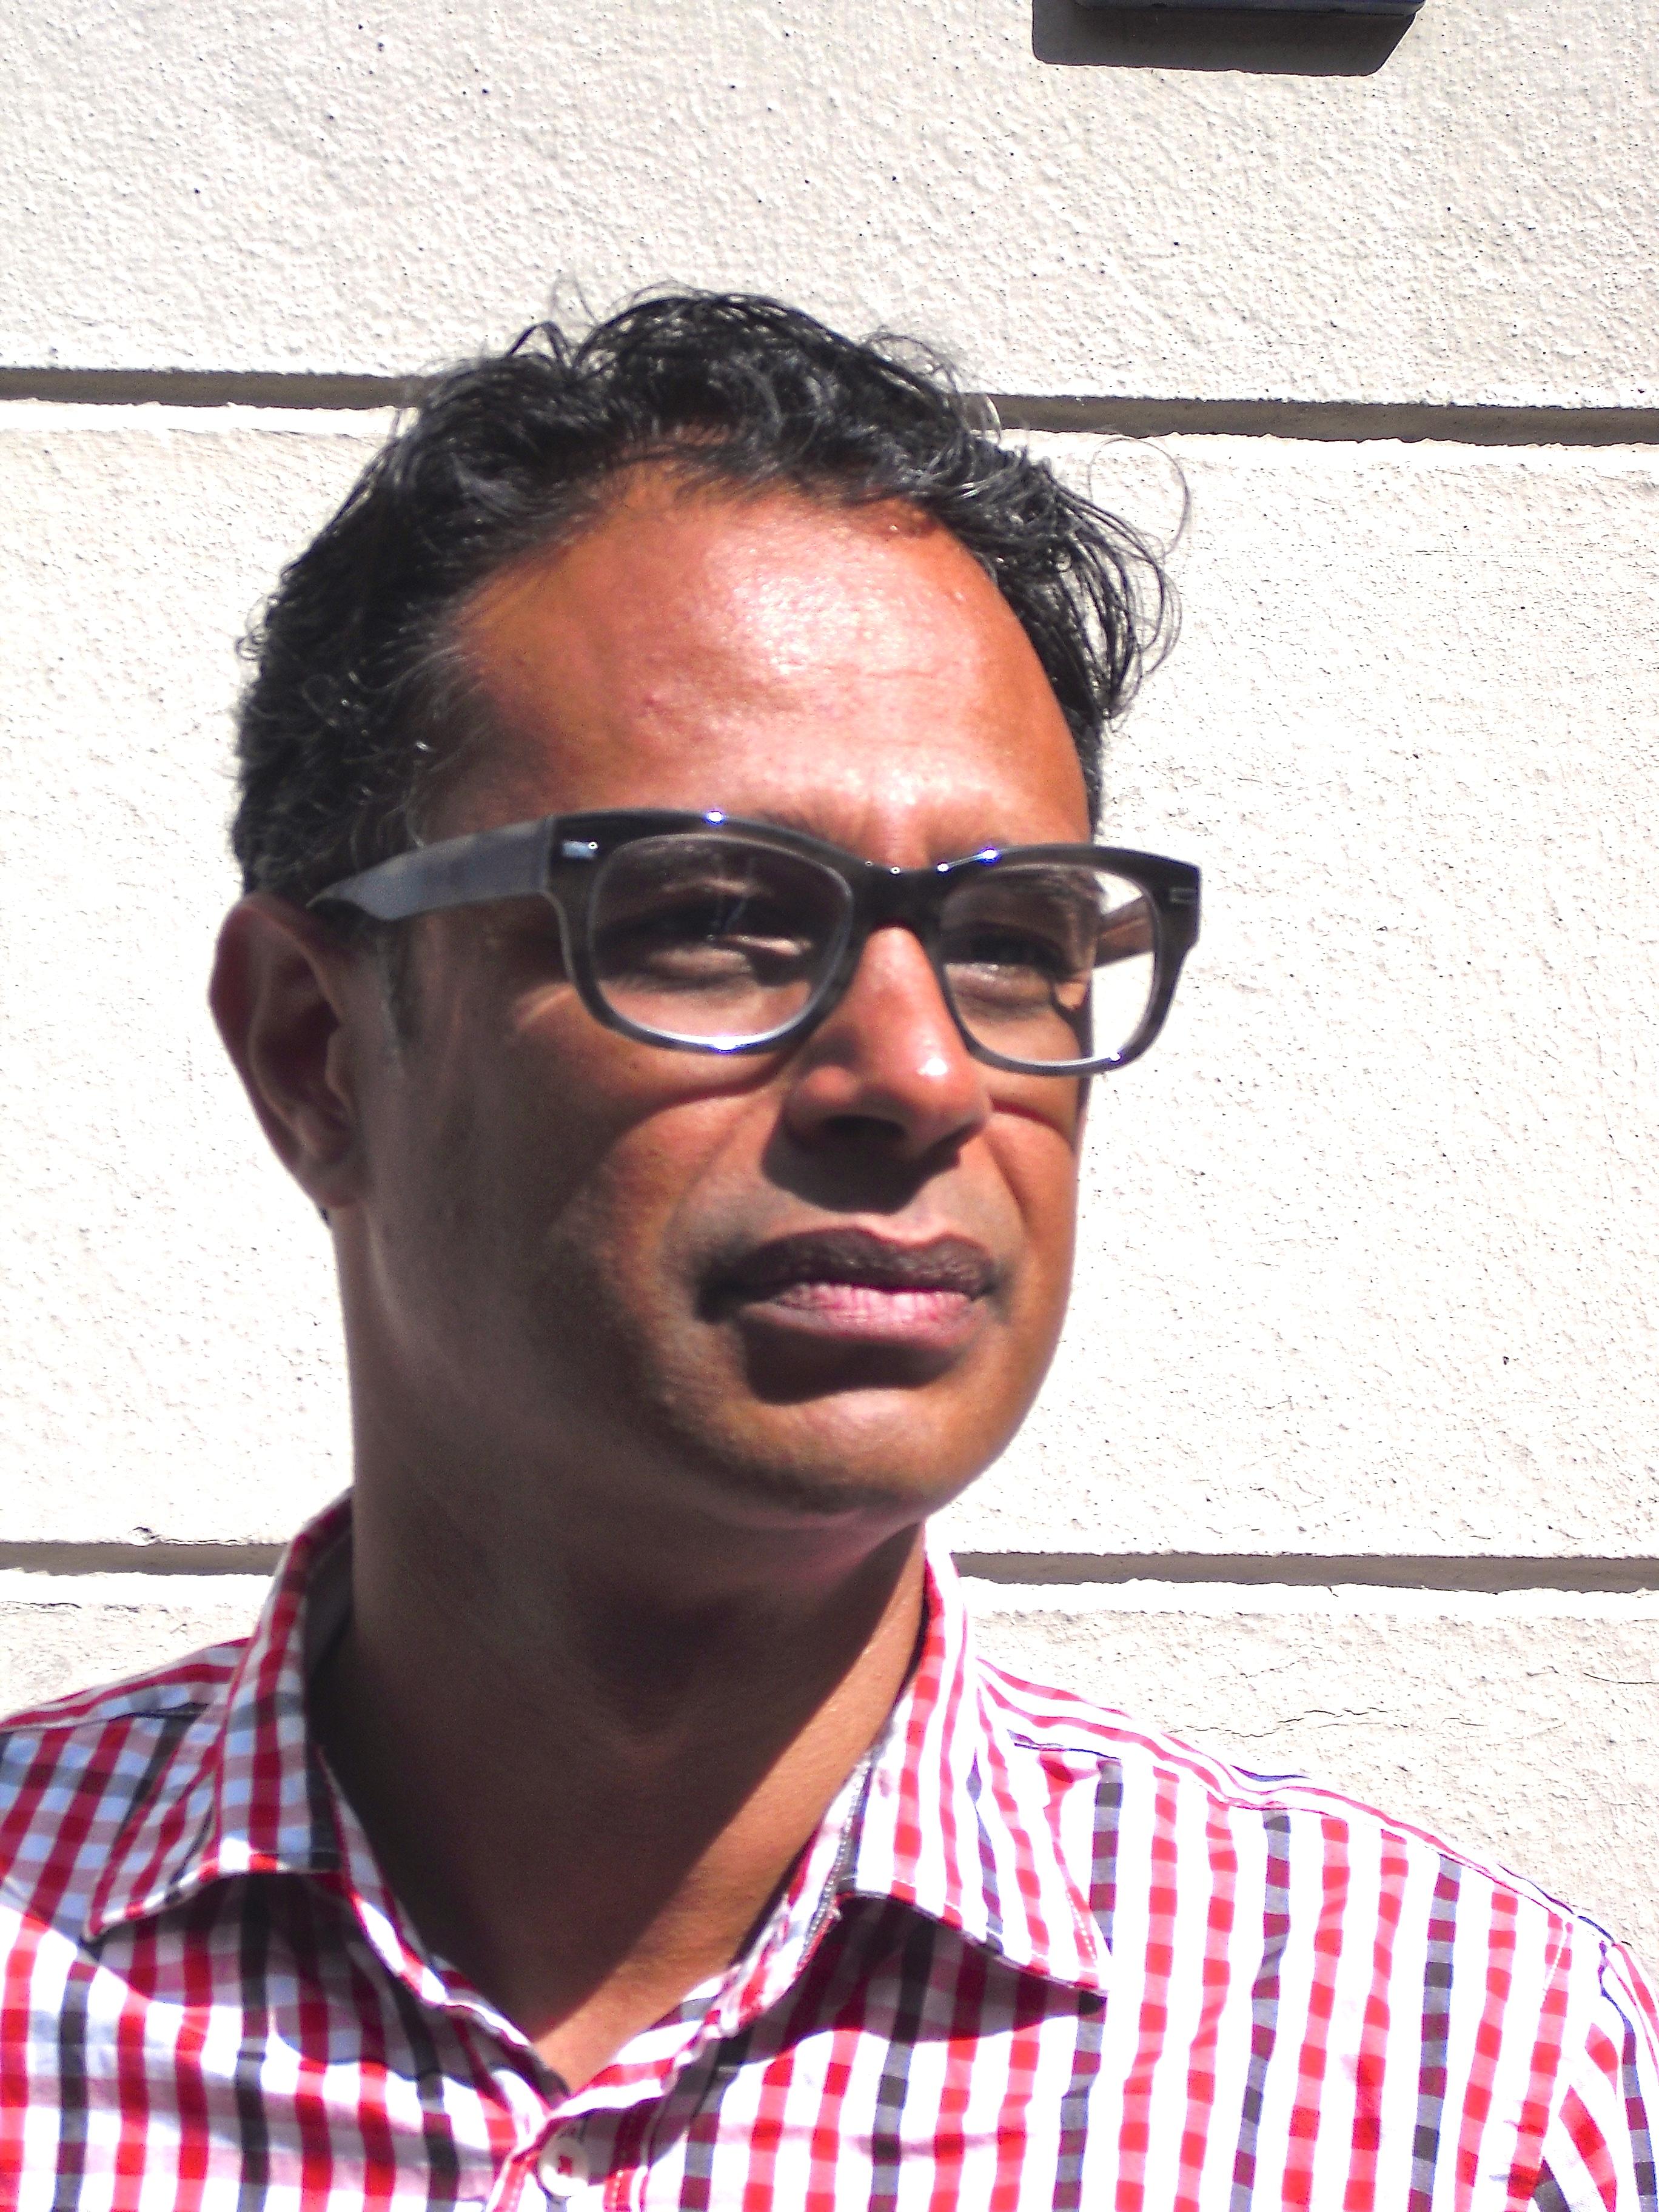 Headshot of Alexander G. Weheliye